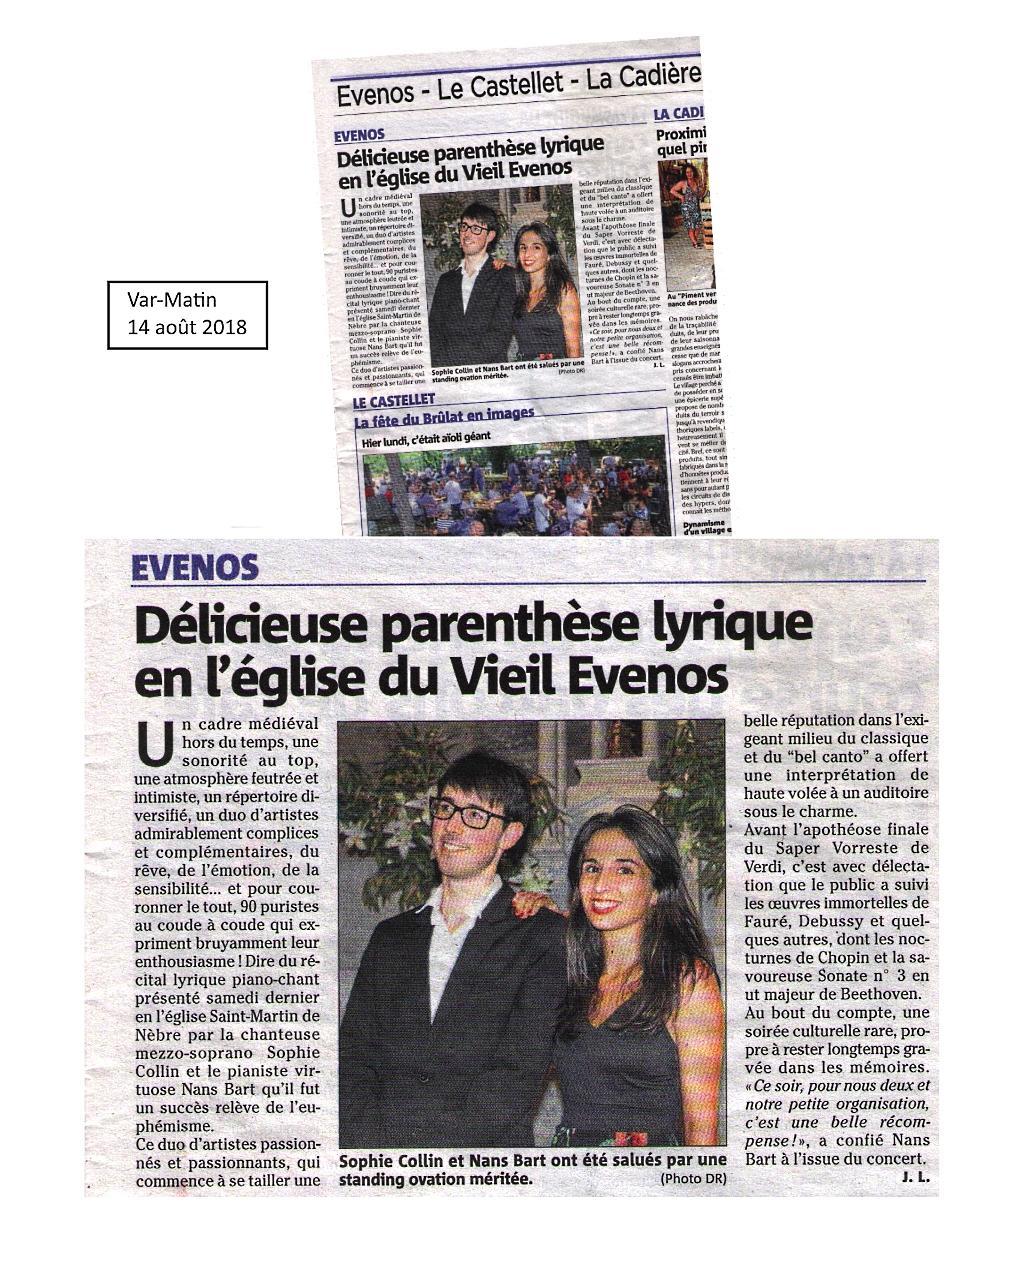 Article de journal dans Var-Matin pour Évenos le 14 aoôt 2018 : Concert Nans Bart, piano et Sophie Collin, soprano